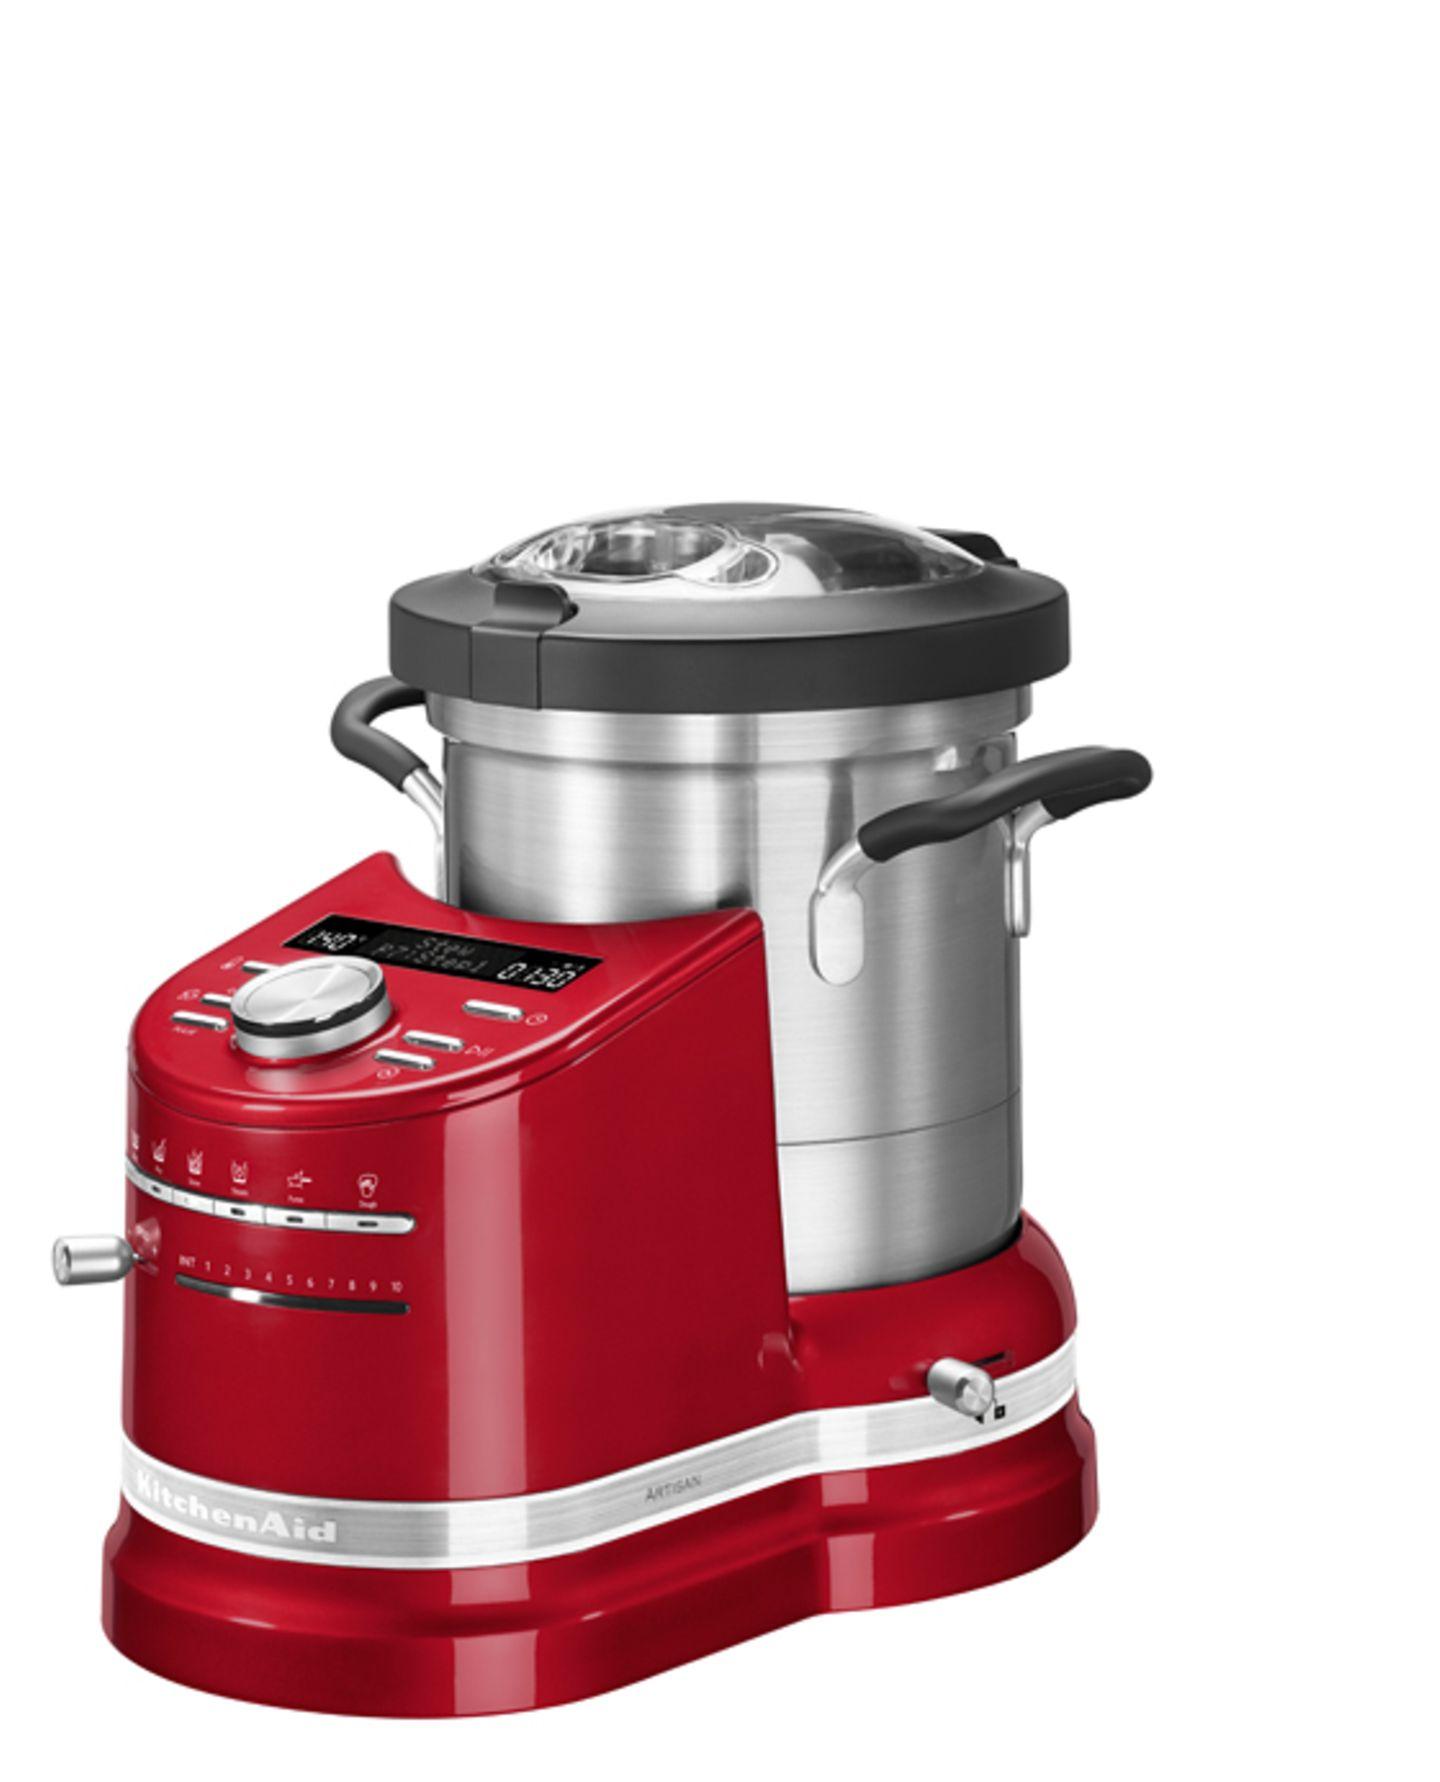 Neu von KitchenAid: Artisan Cook Processor